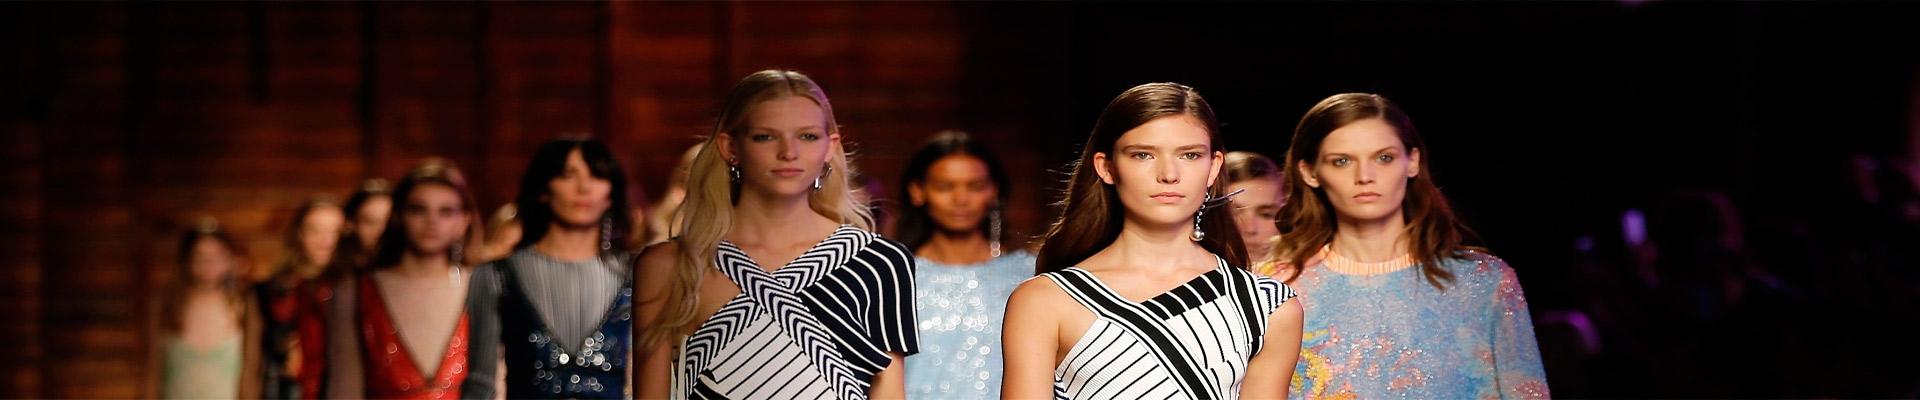 Cursos de Moda em Milão, Londres ou Paris